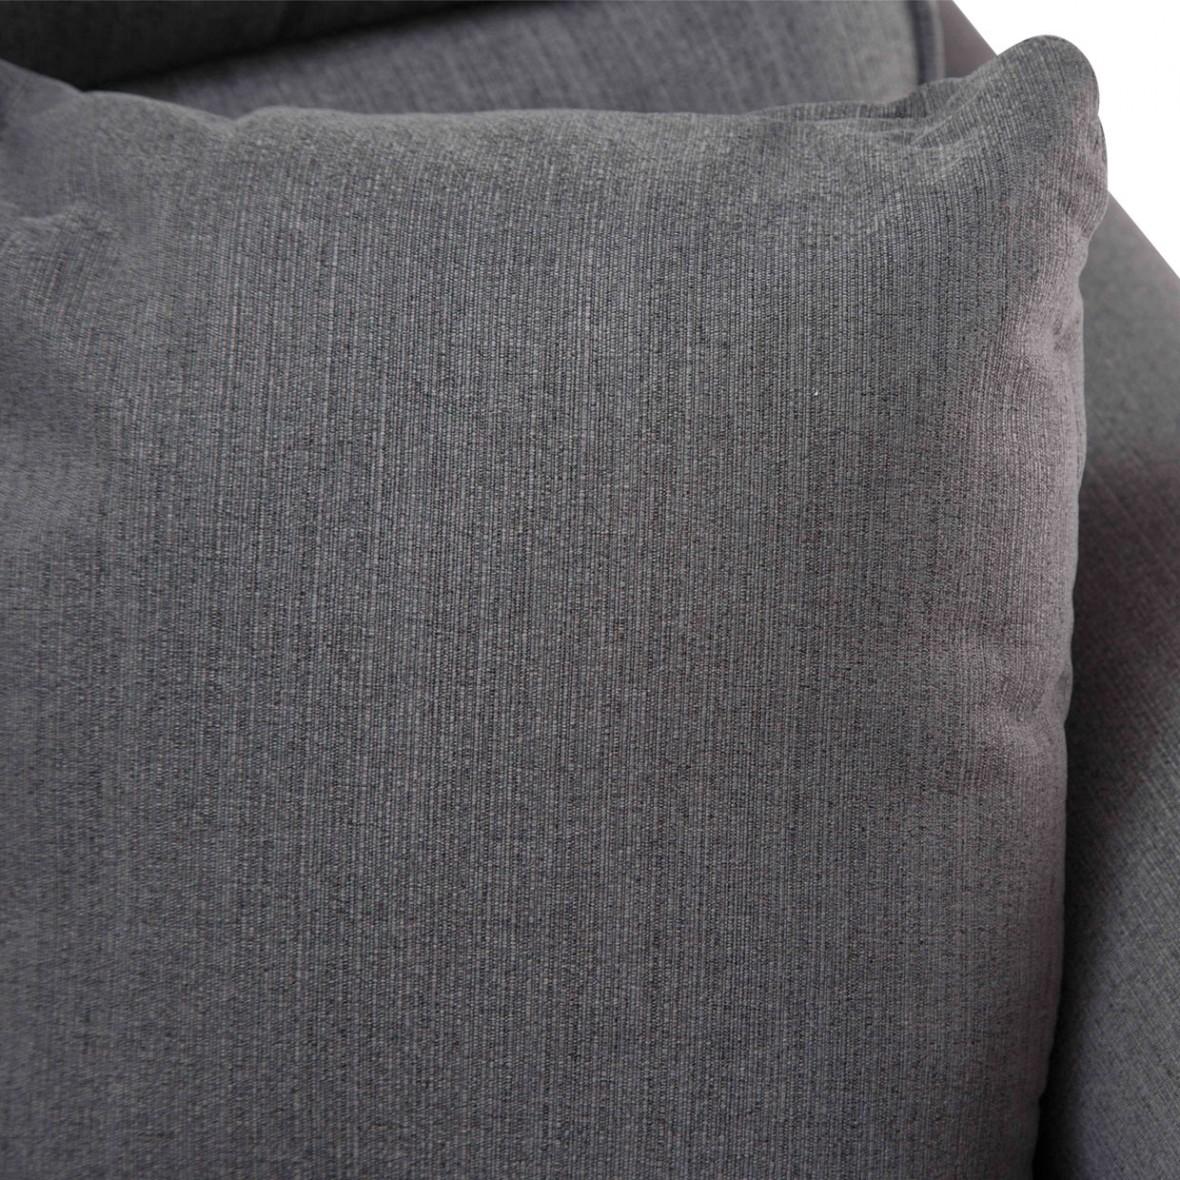 Софа 3-местная, цвет Графит, 2 декоративных подушки